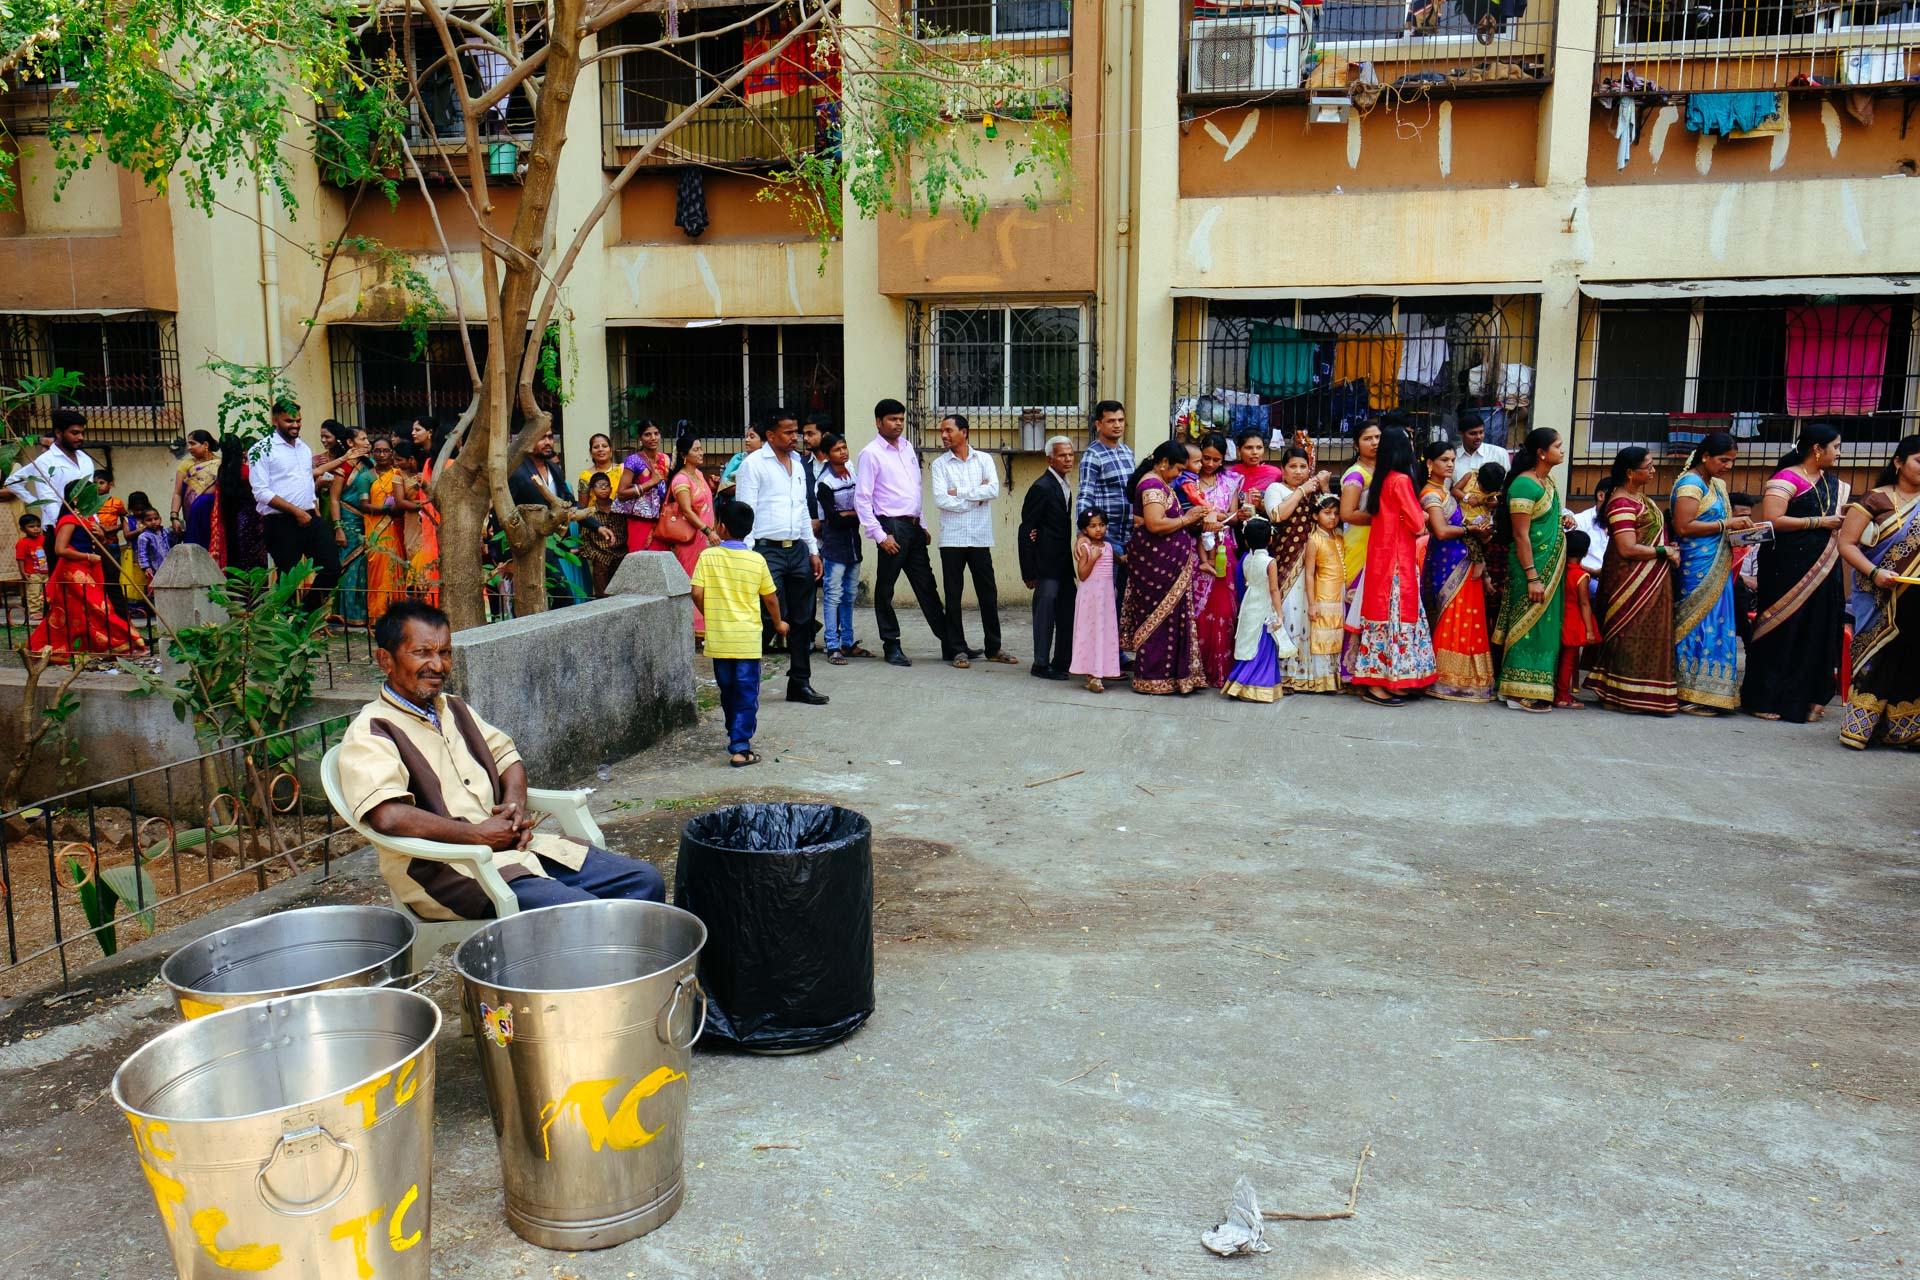 wedding_in_mumbai-69.jpg